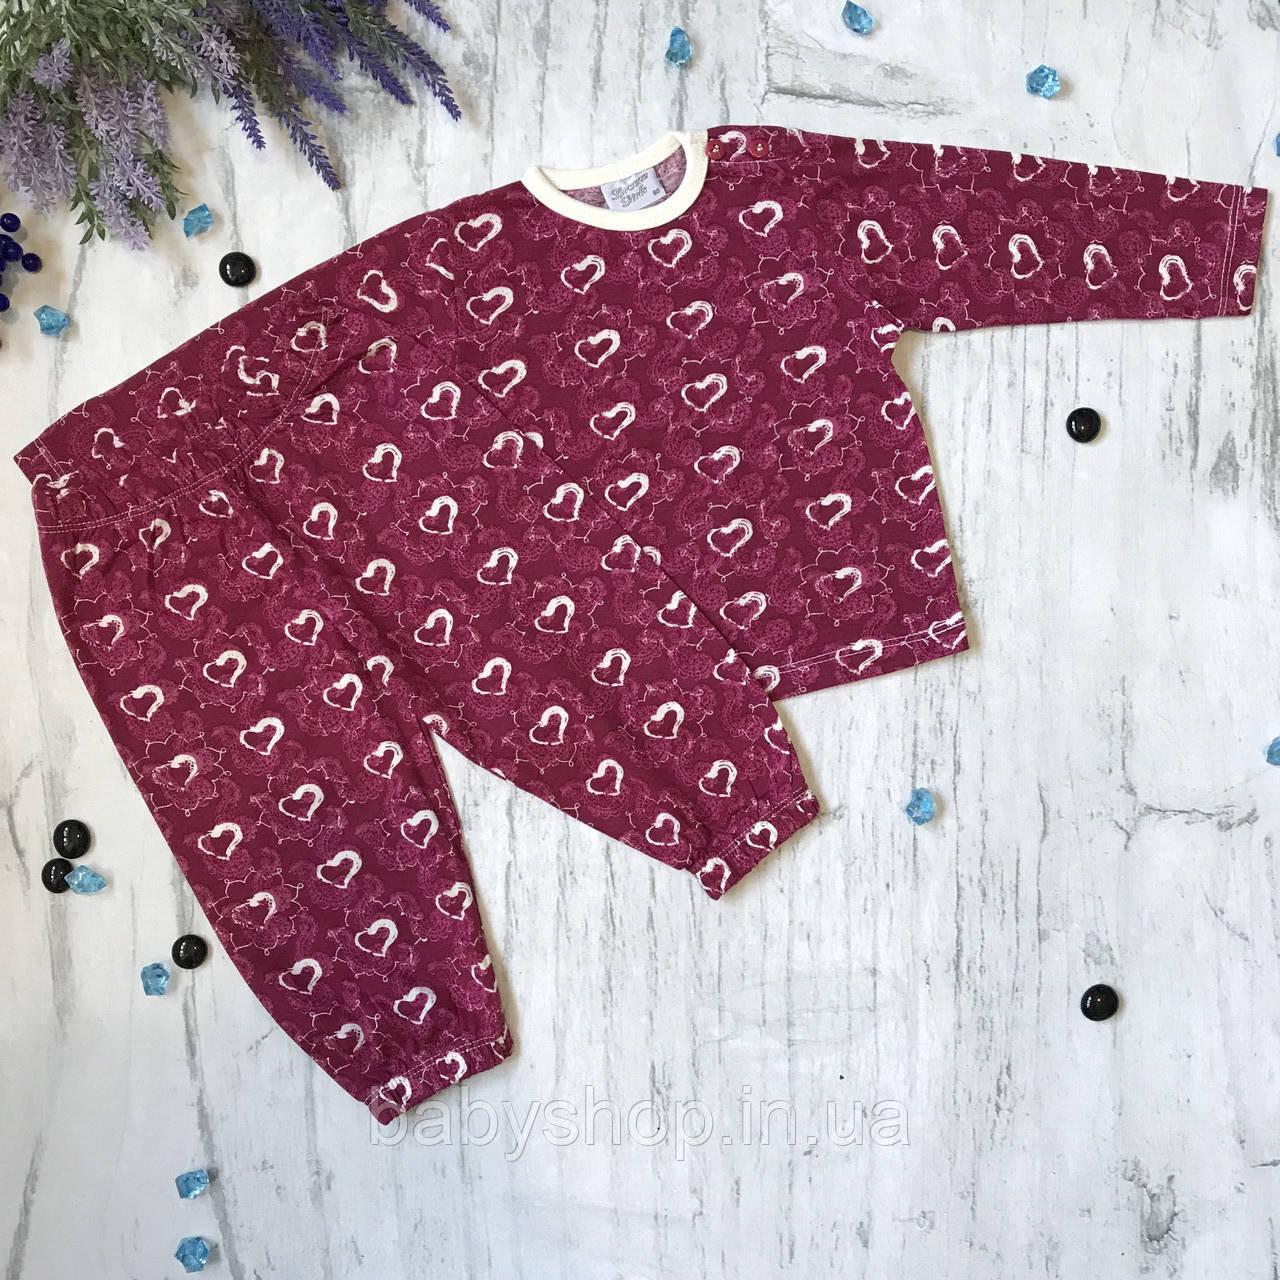 Детская пижама Breeze для девочки. Размер 86, 92, 98, 104 см